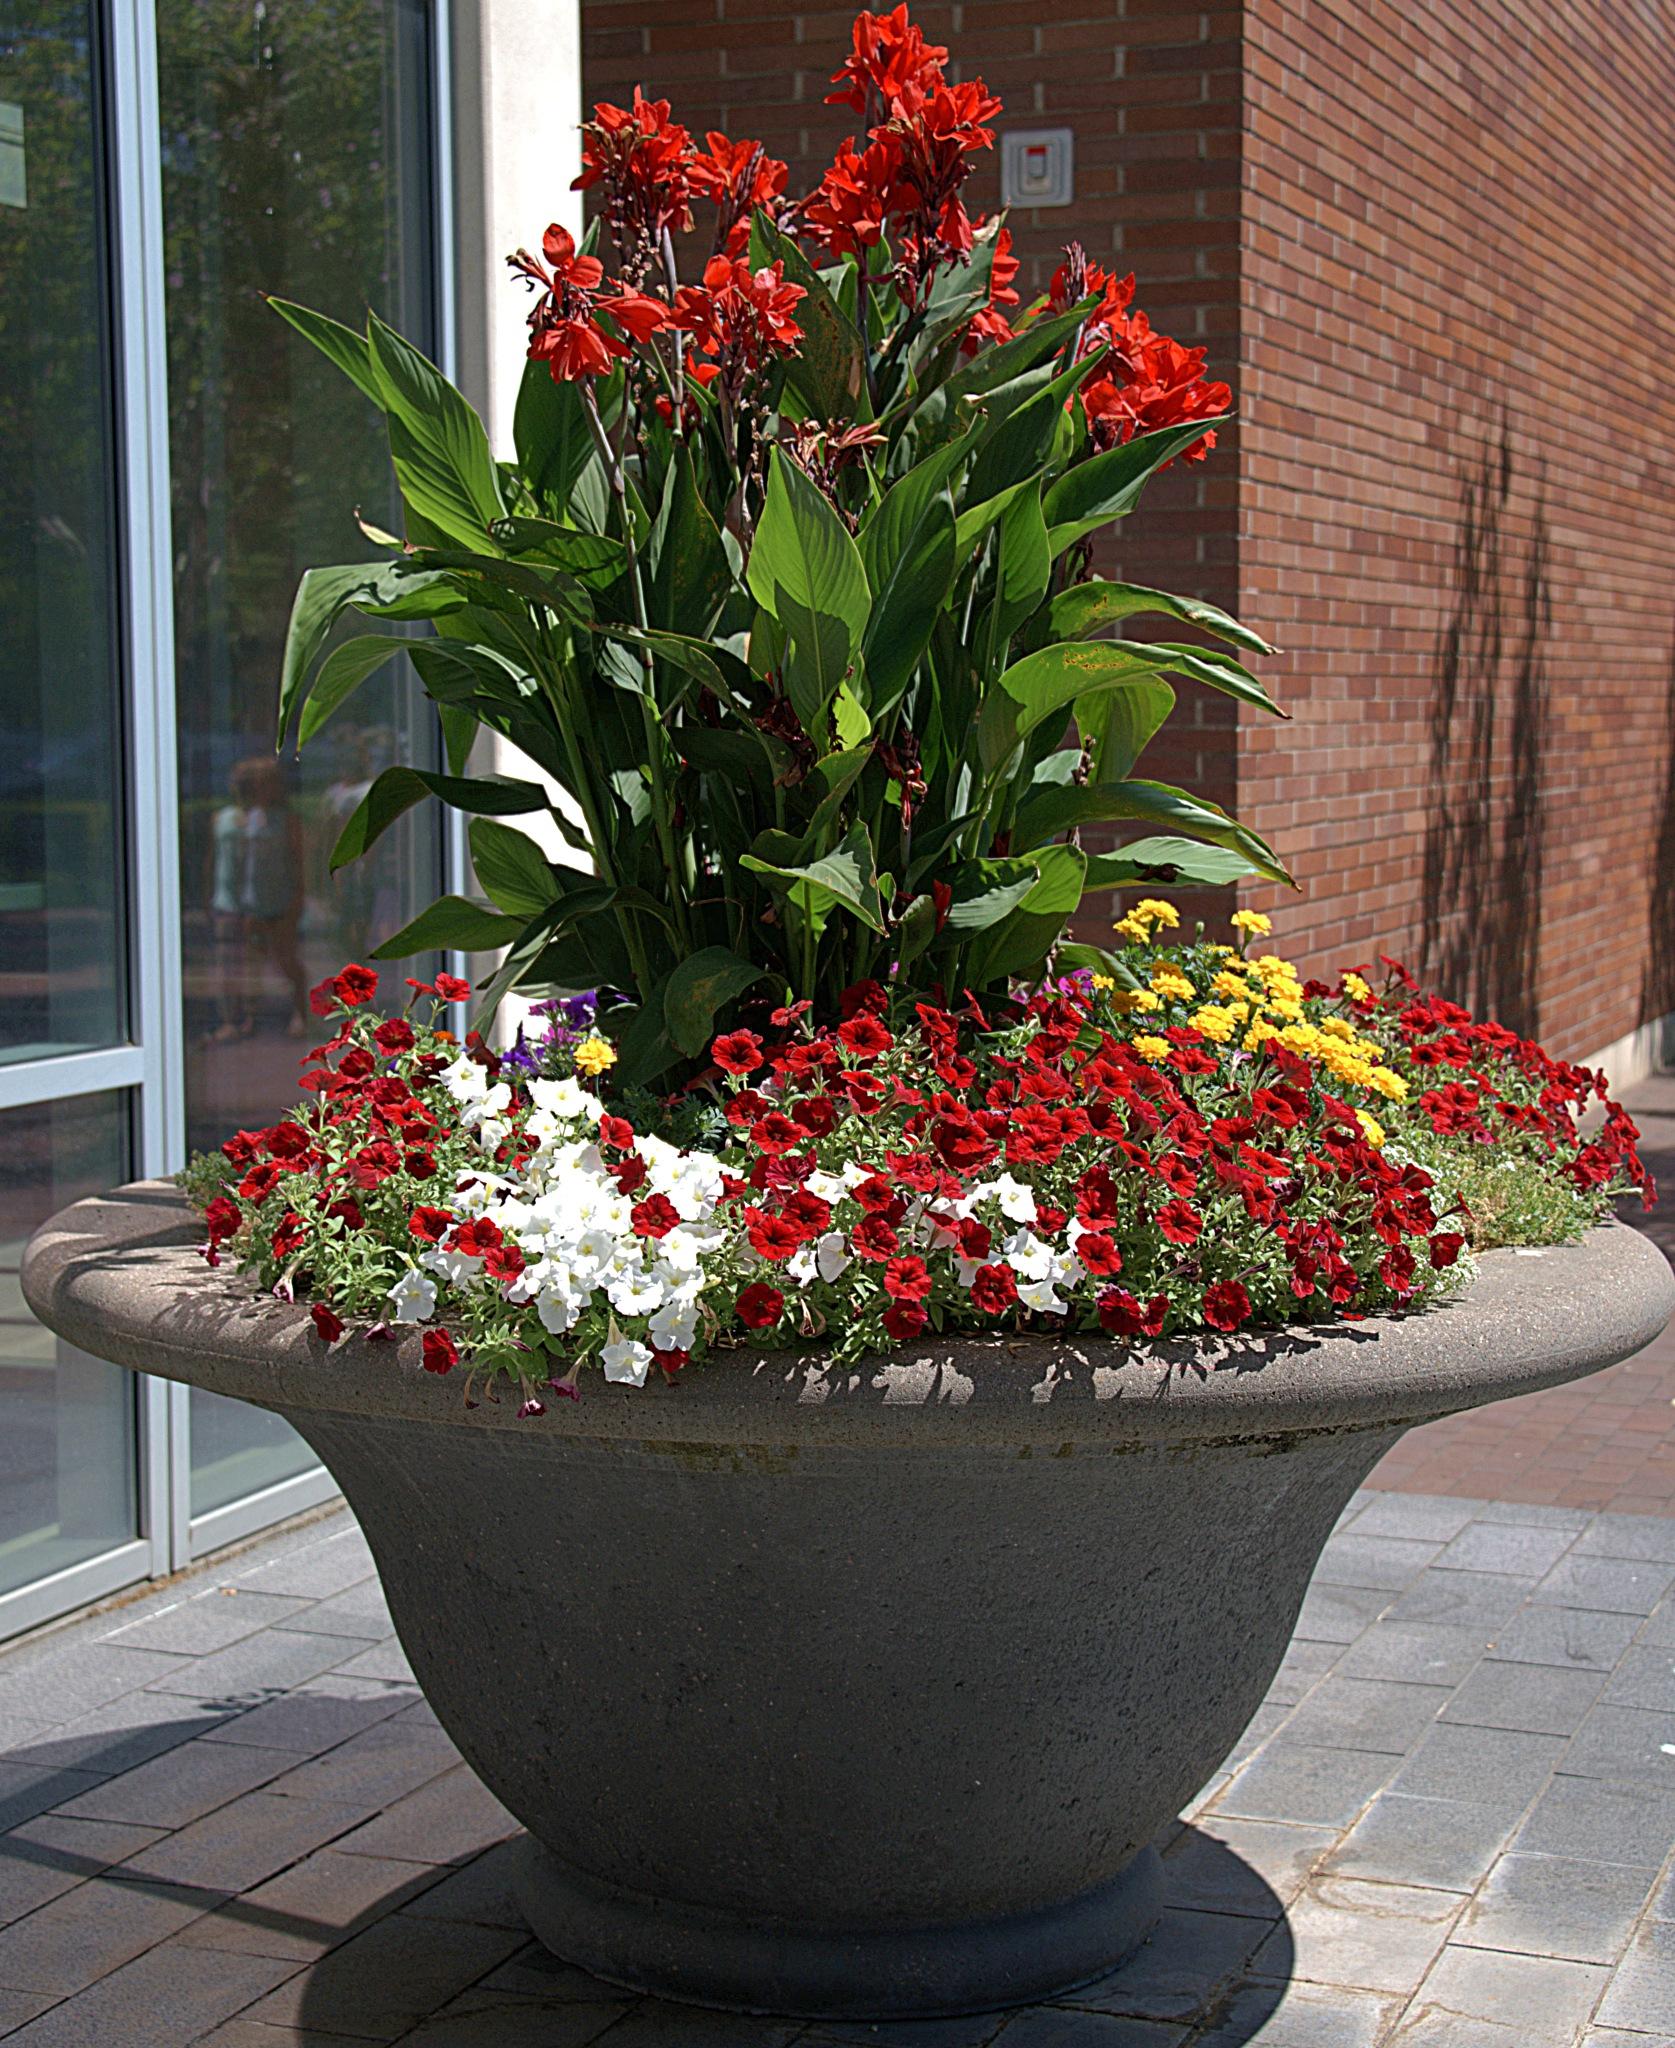 Big Flowerpot by pscottwong